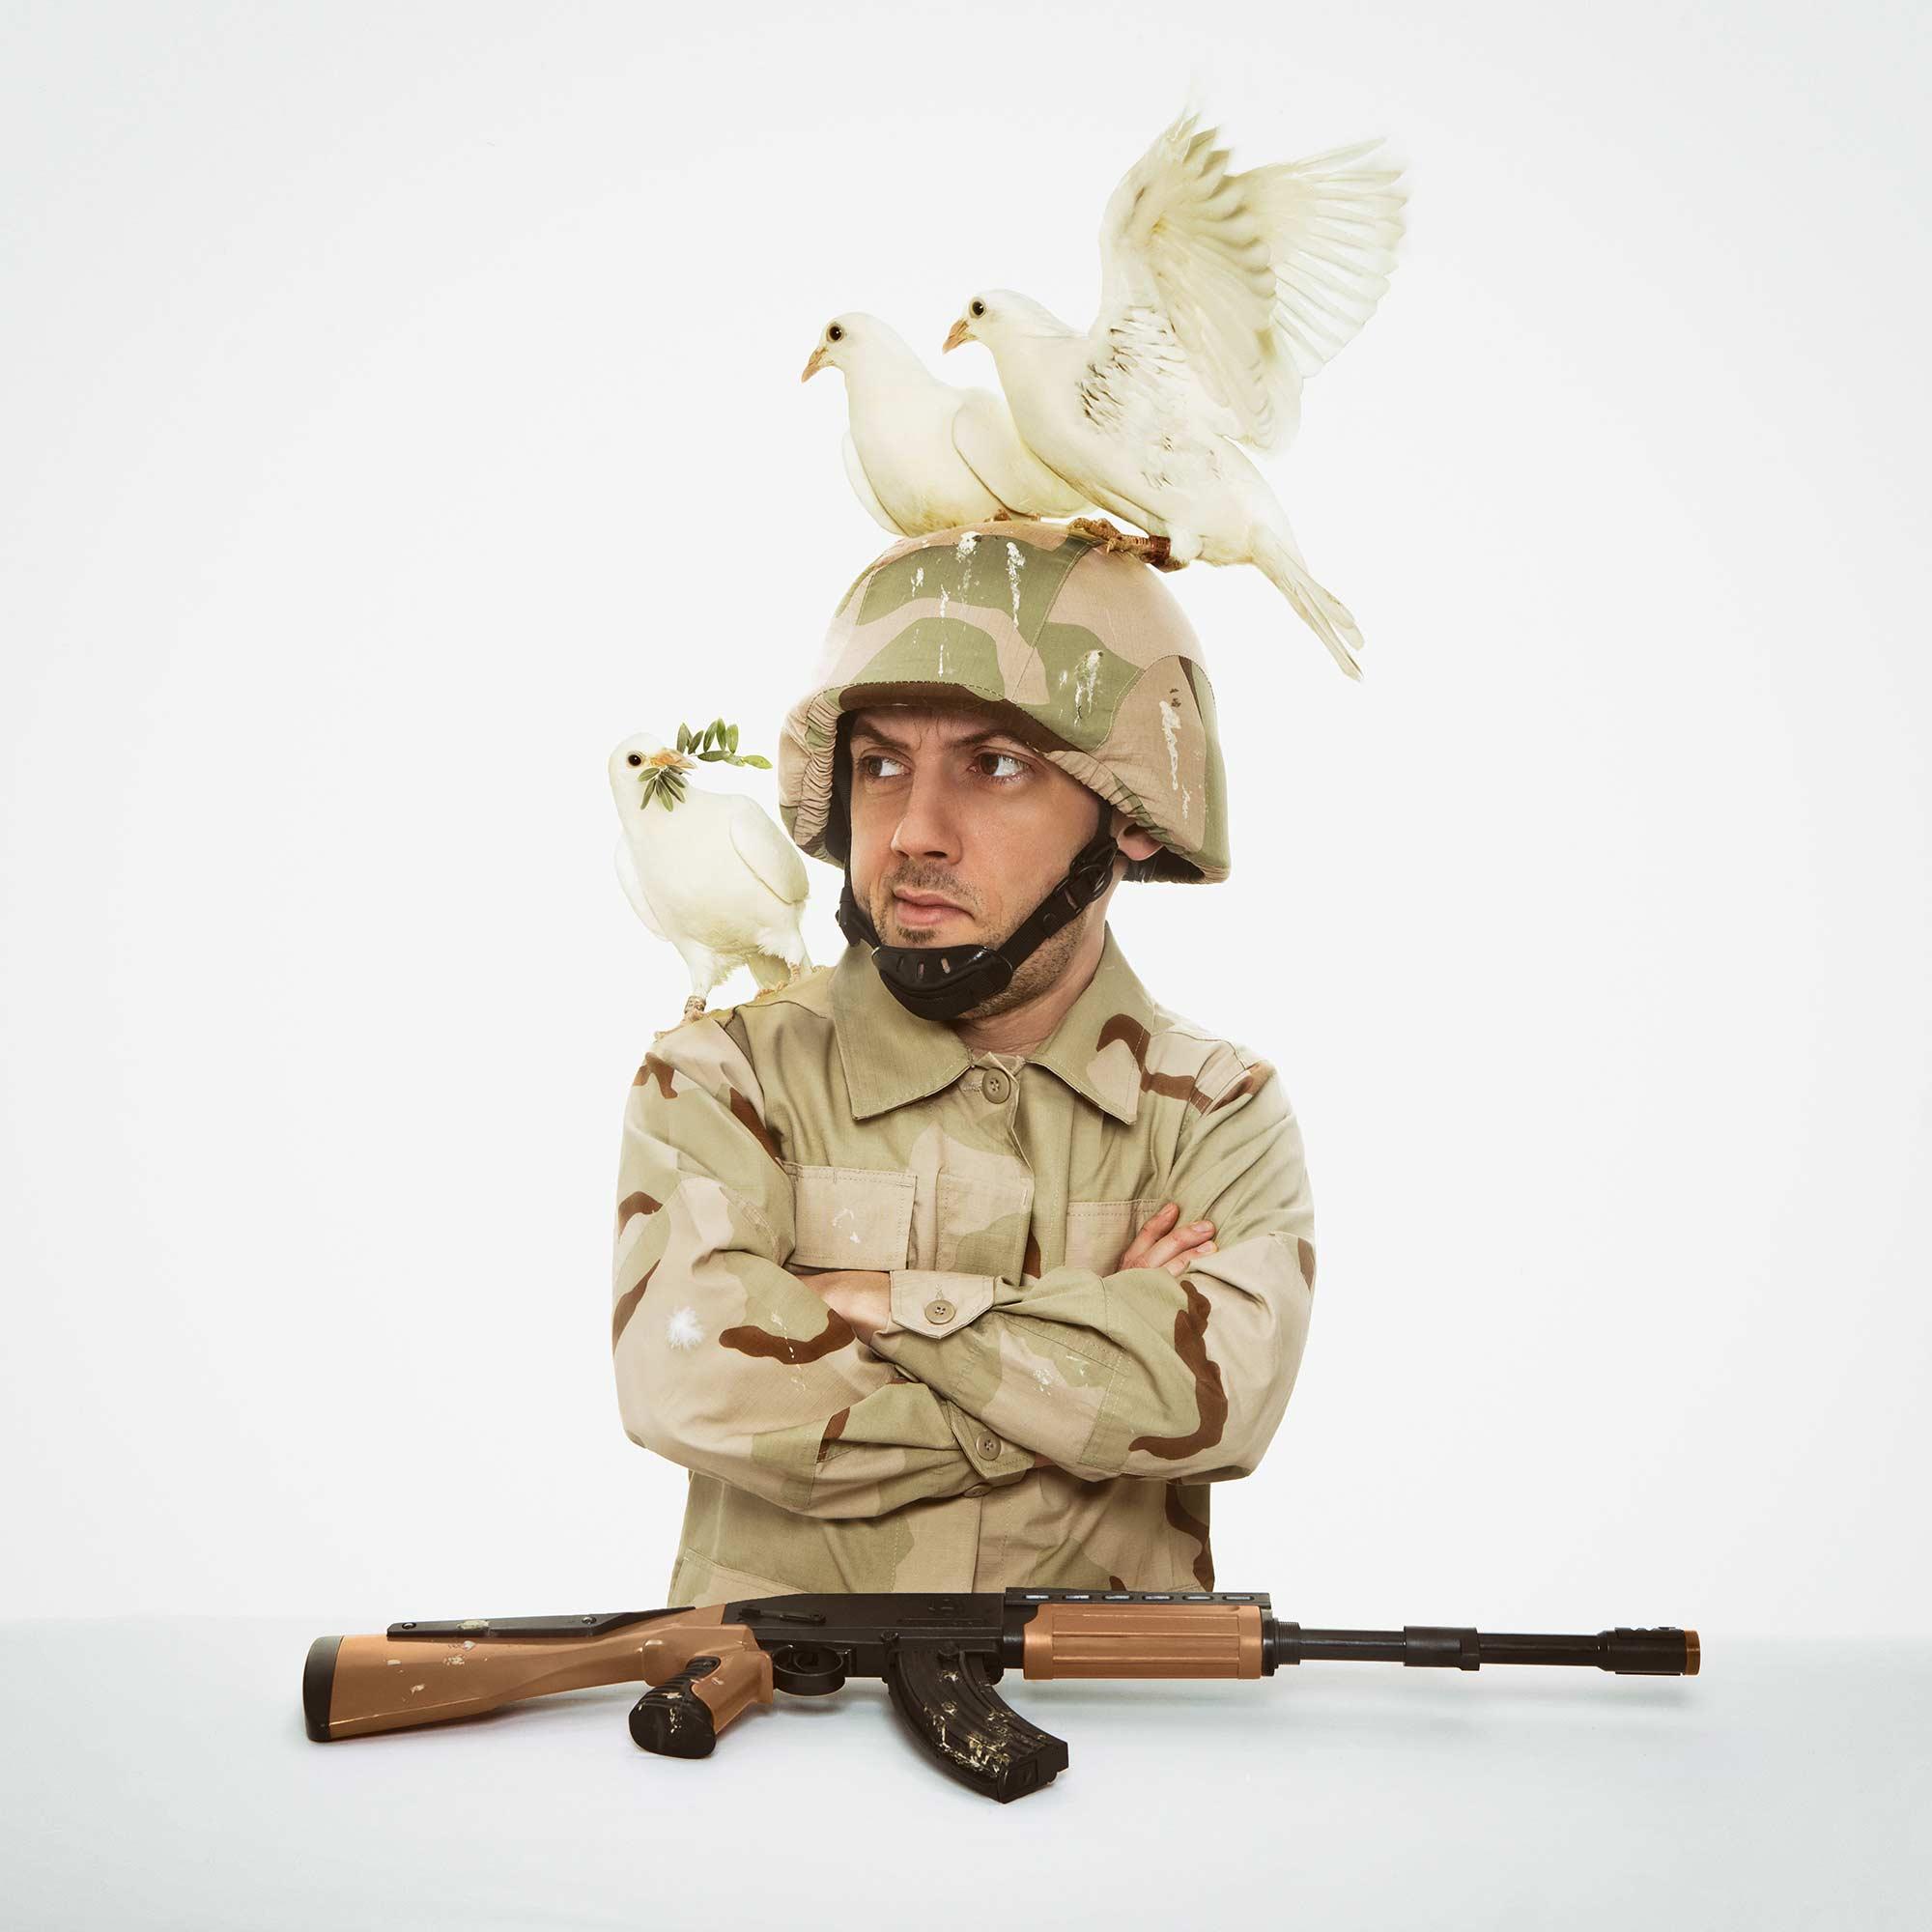 Portrait eines Soldatens mit Friedenstauben vom Fotografen Fritz Phillipp aus Frankfurt im Rhein-Main-Gebiet